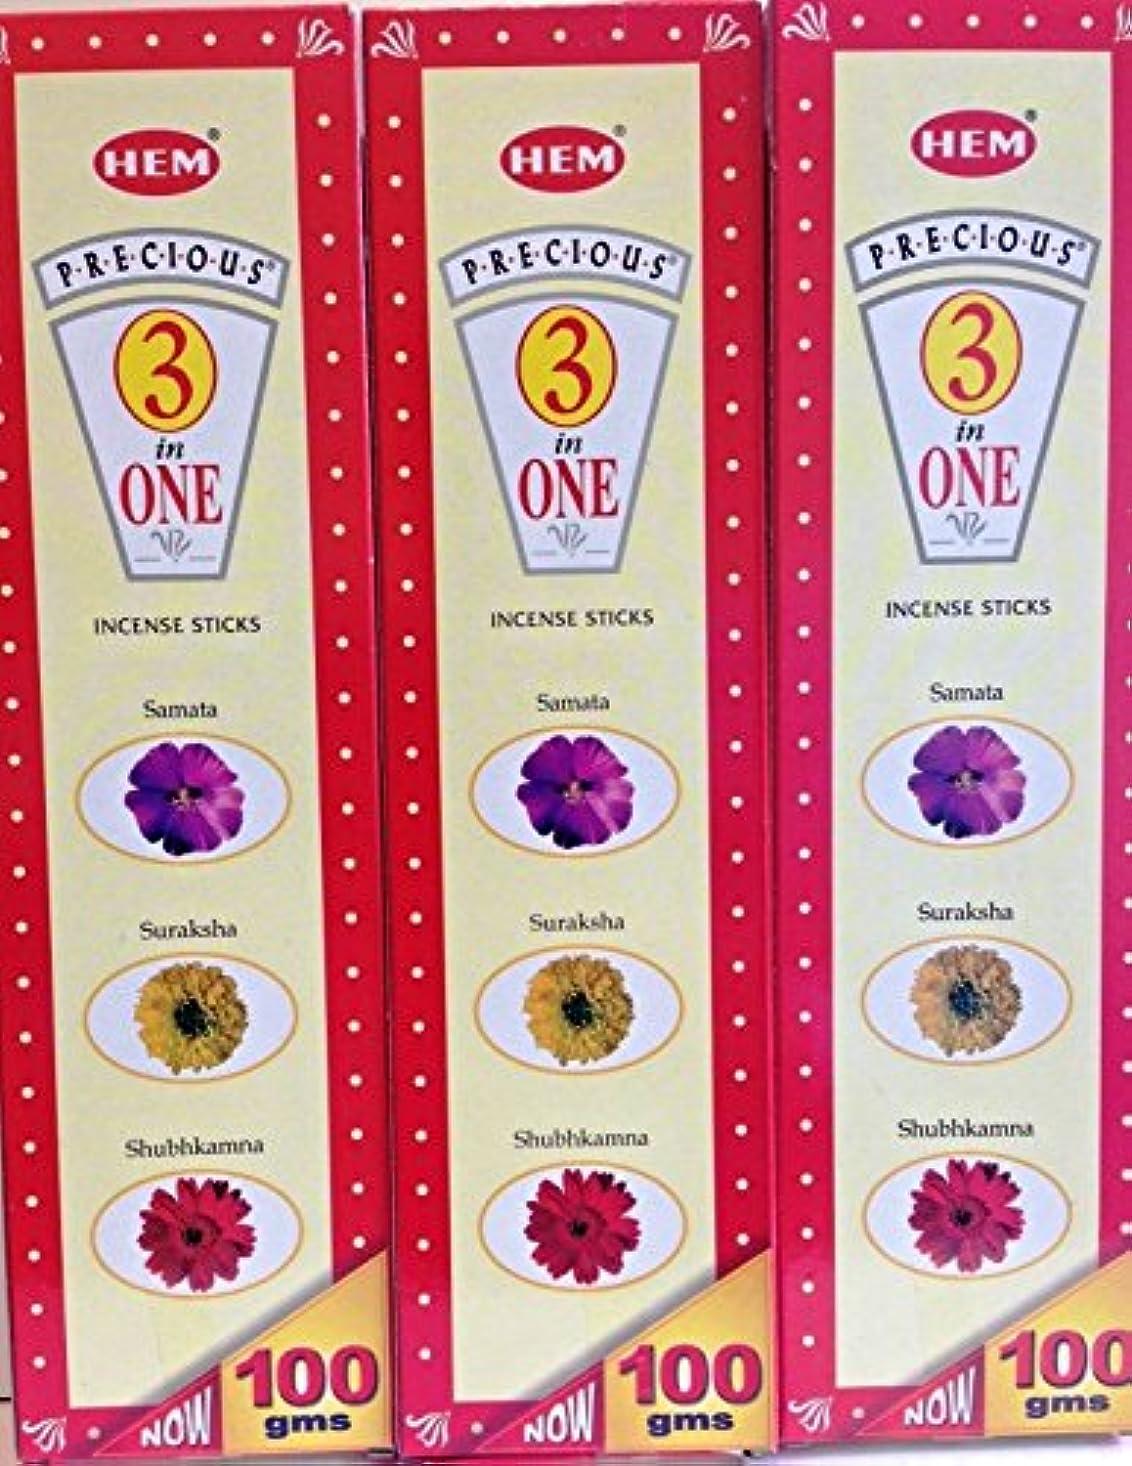 姉妹デジタル健全Hem Precious 3 in 1 Incense Sticks 100 g x 3パック( 75 sticks per pack x 3 )